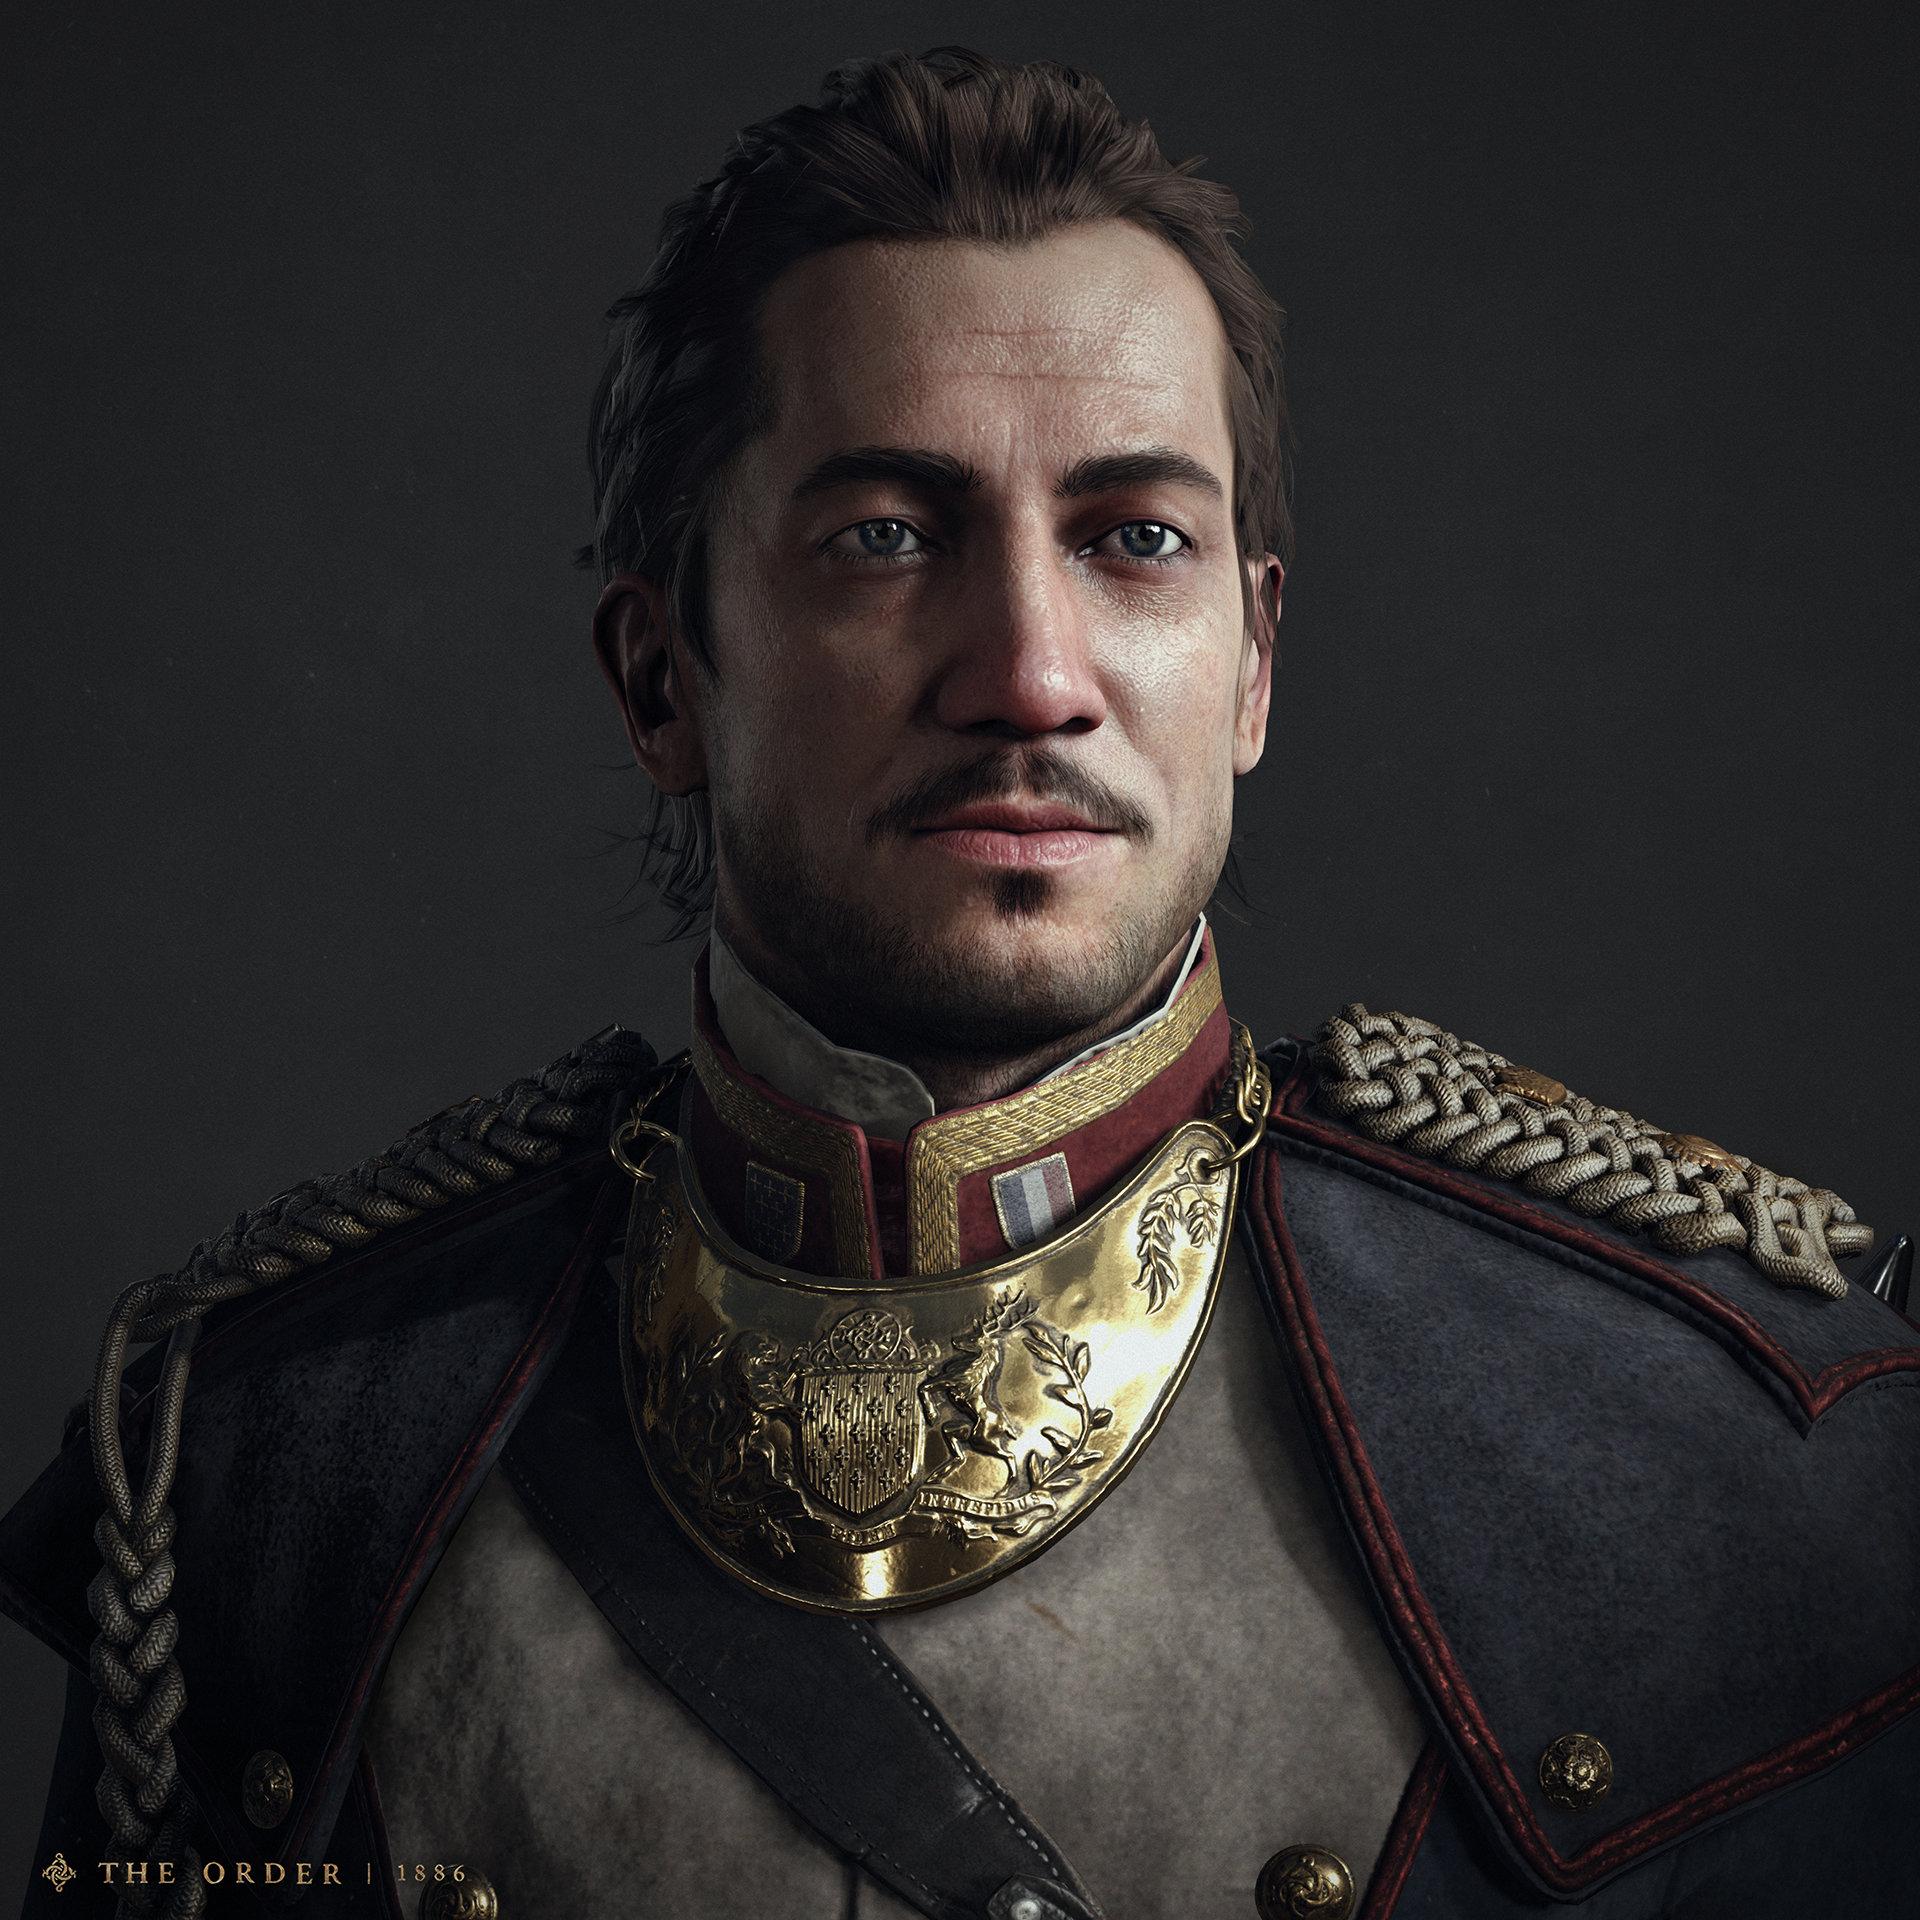 scot-andreason-laf-knight-portrait